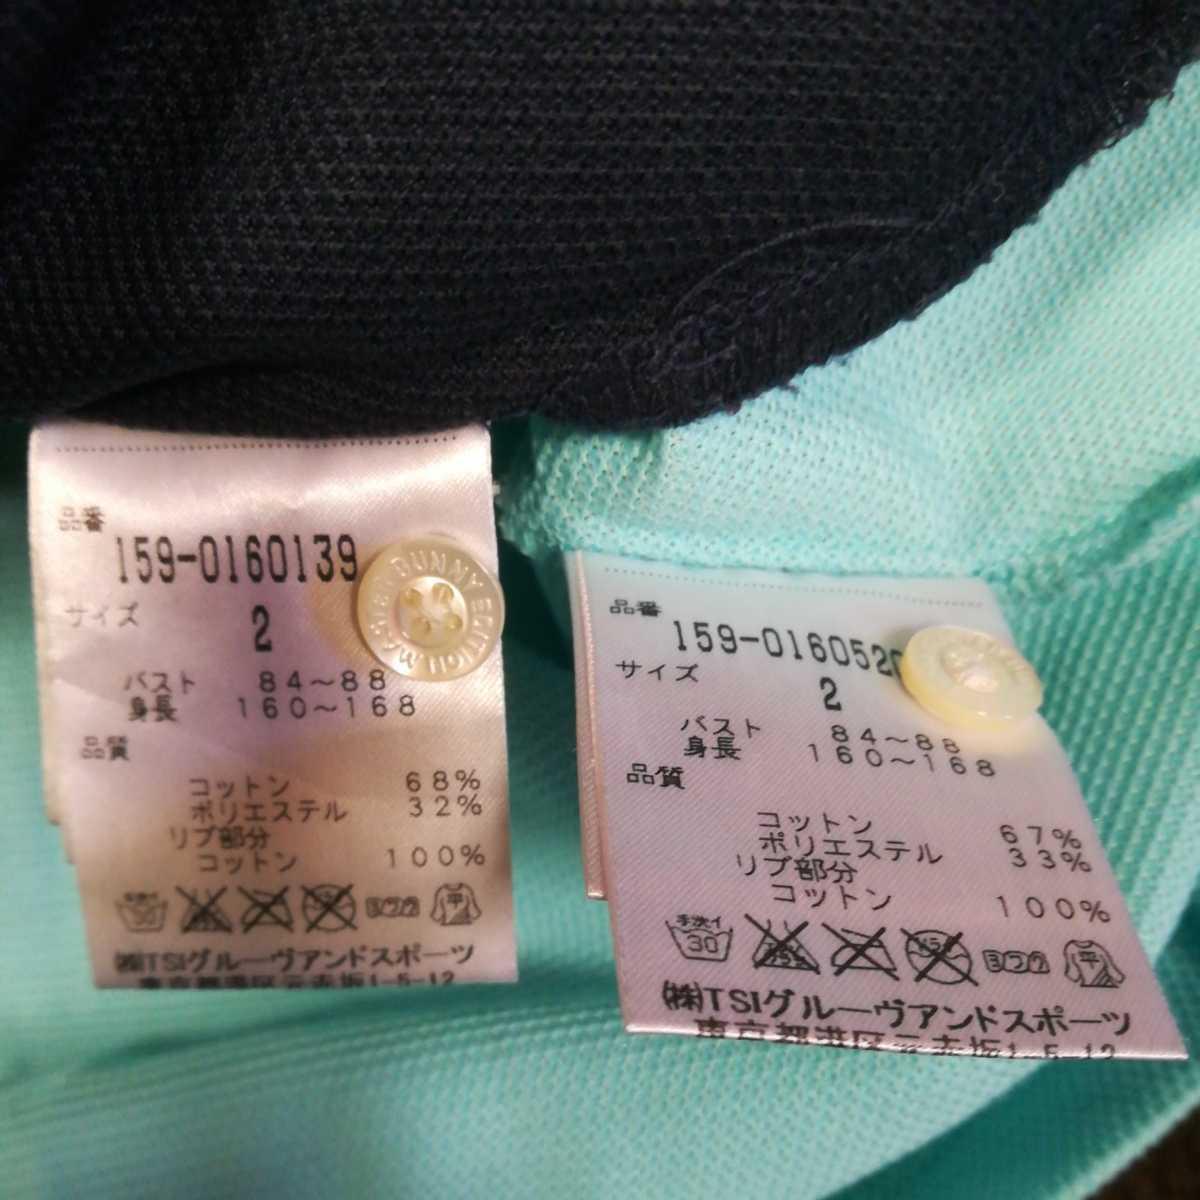 中古 正規品 マスターバニー パーリーゲイツ サイズ2 高品質エアロタッシェ素材 高機能 ポロシャツ 2枚セット 送料無料_画像9